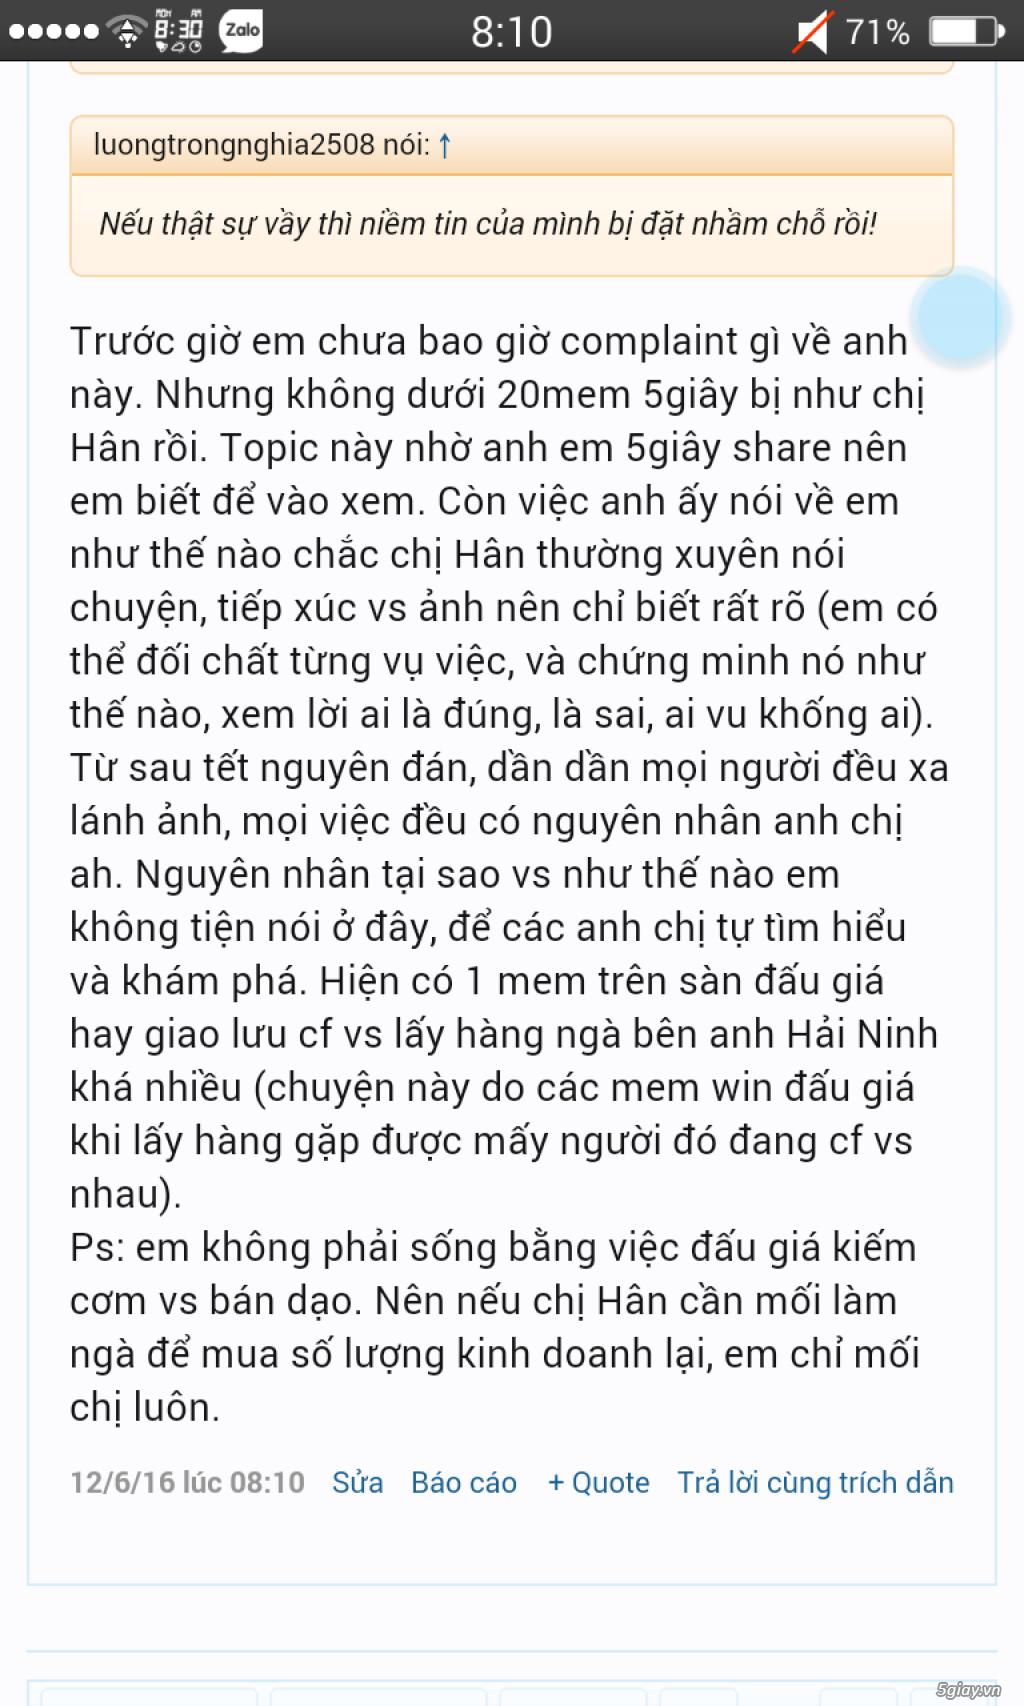 Việt Ivory lừa đảo, mọi người cảnh giác!